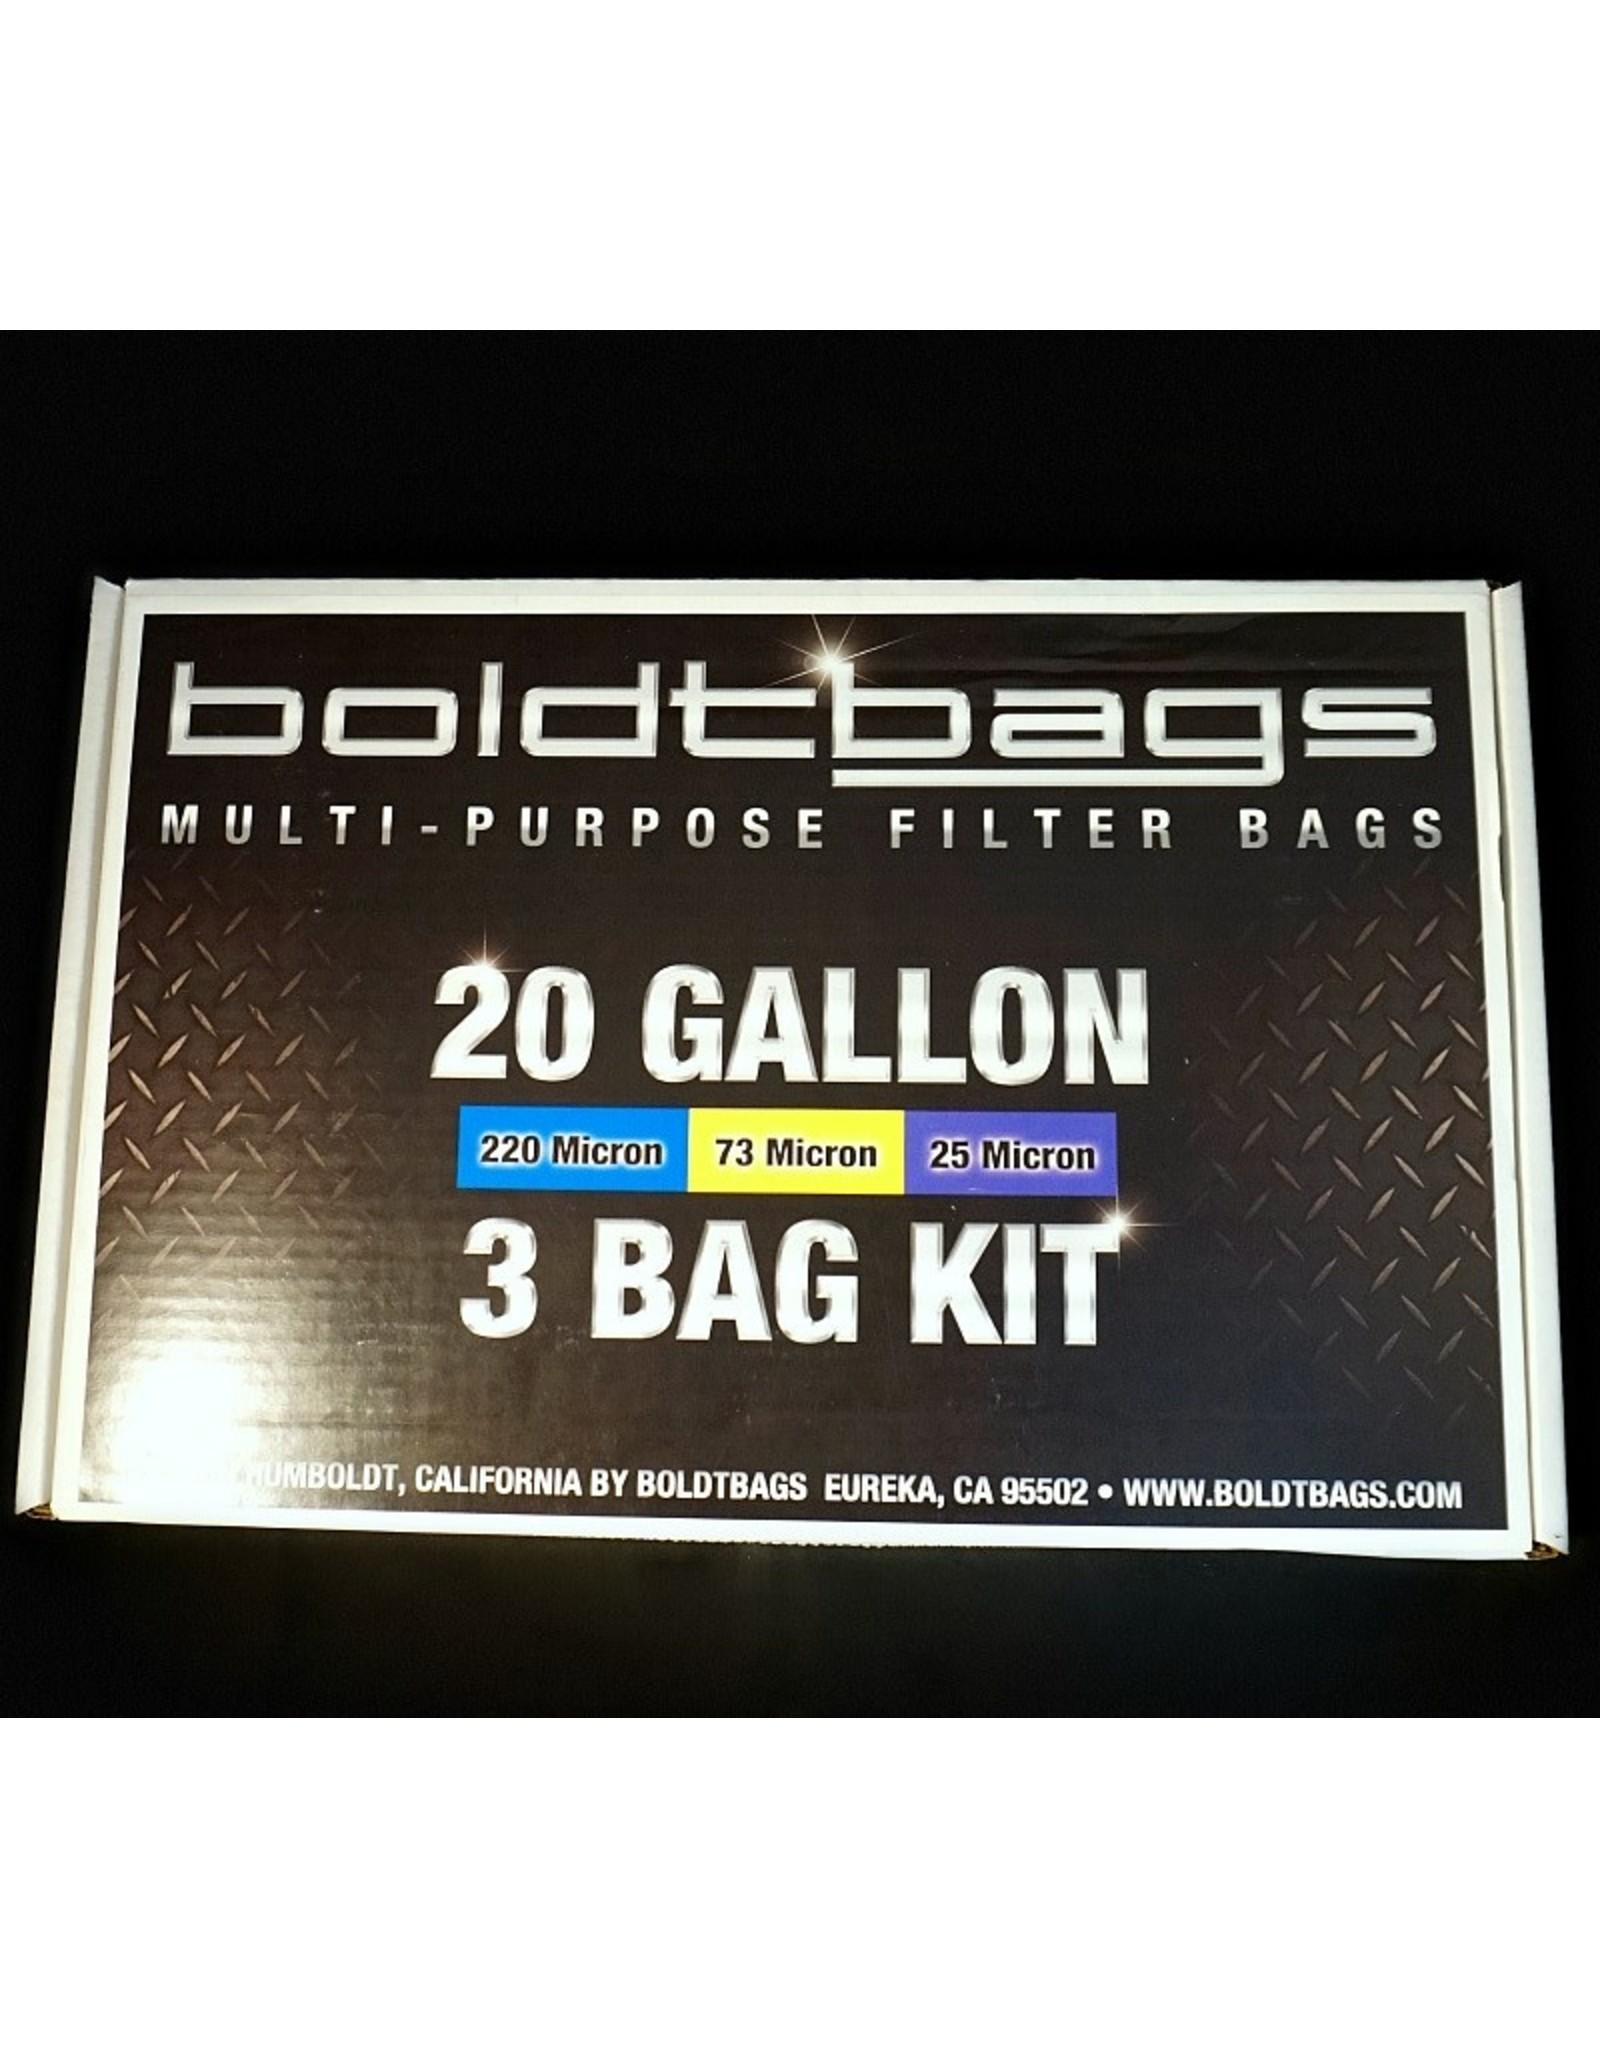 BoldtBags L-3 20 Gallon 3 Bag Kit